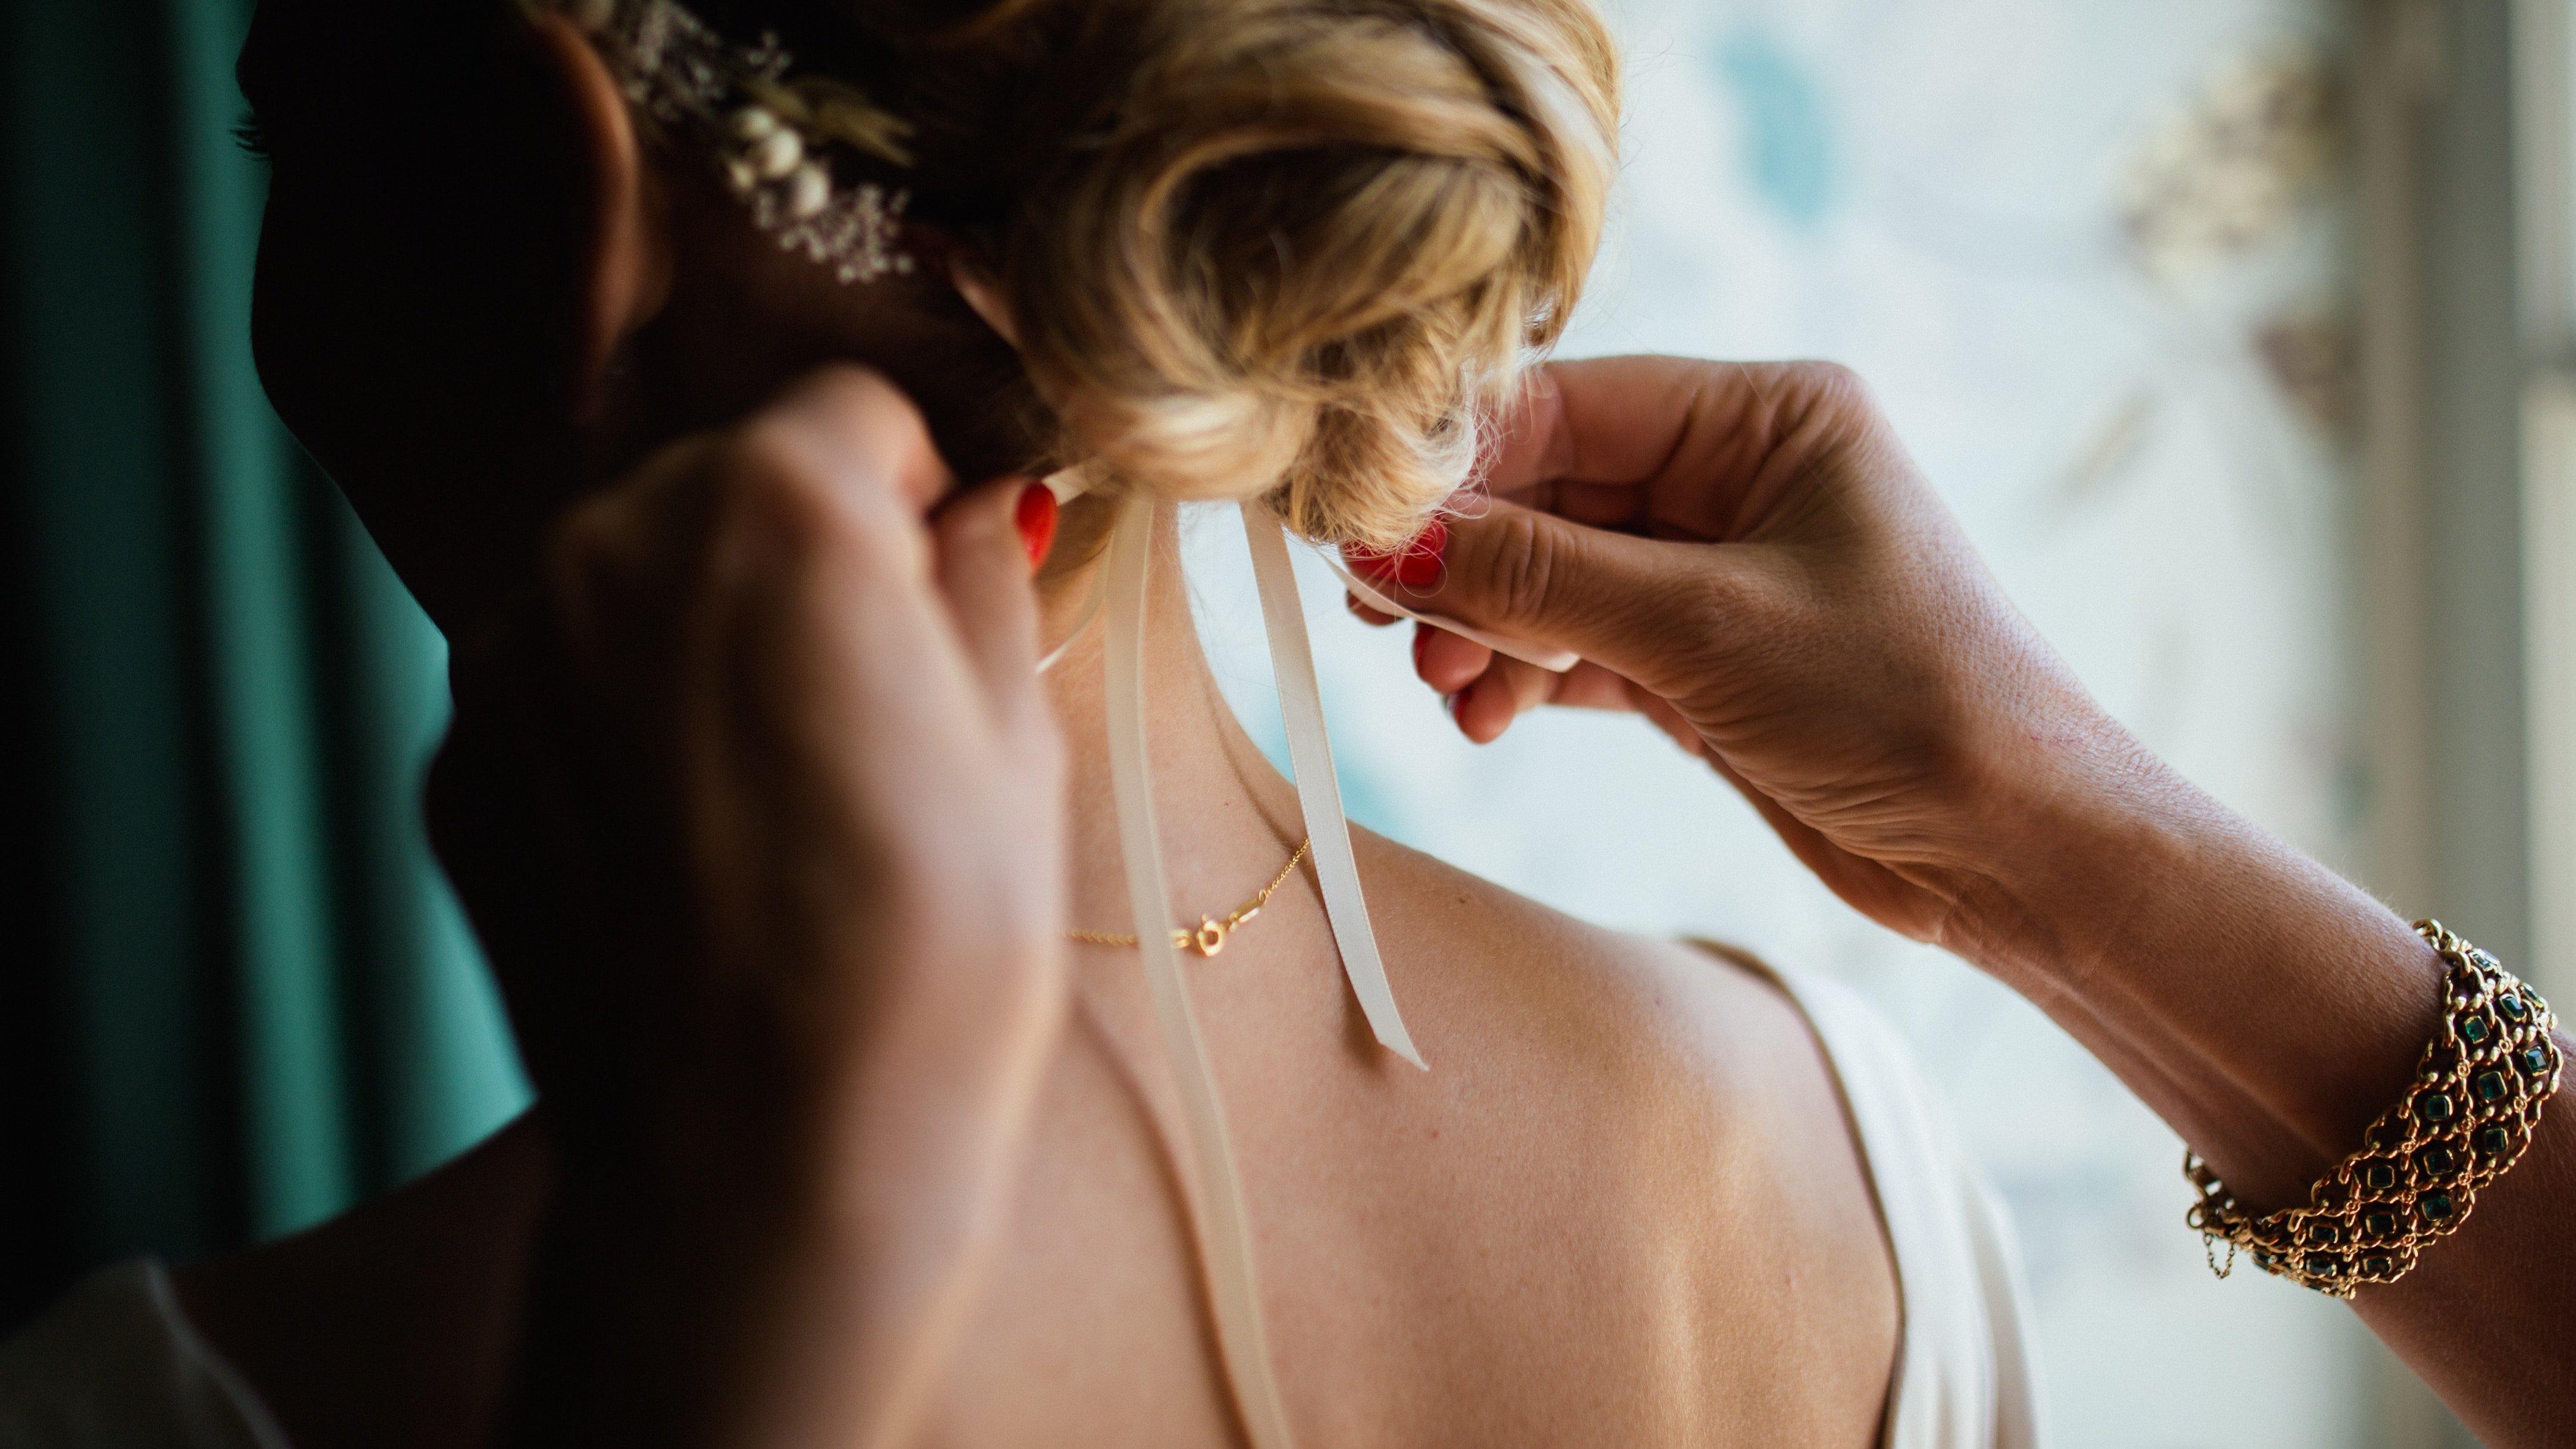 trucco-sposa-acconciature-trend-hair-cover.jpg